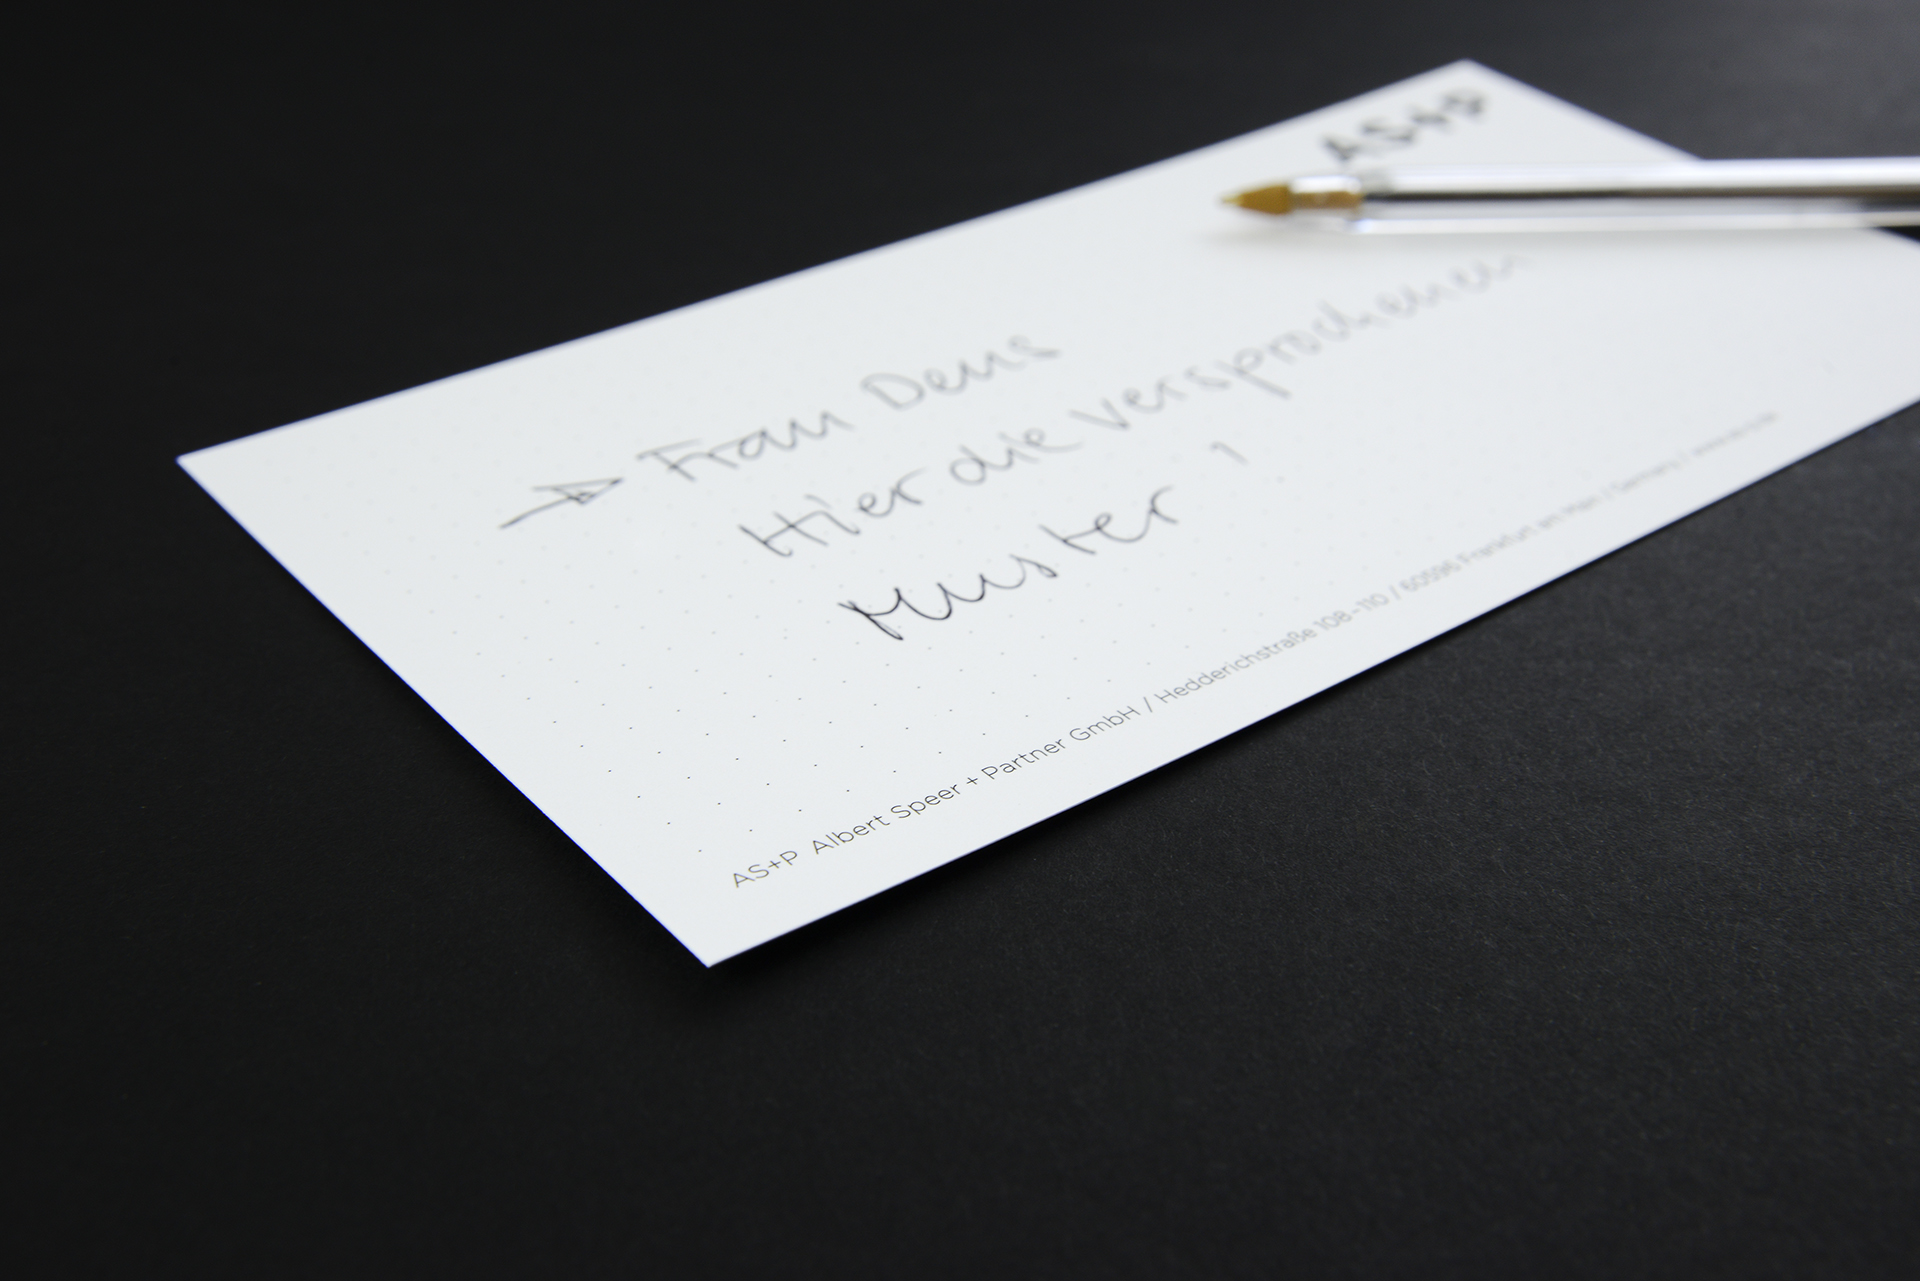 quandel-staudt-design-asp_geschaeftsausstattung_12